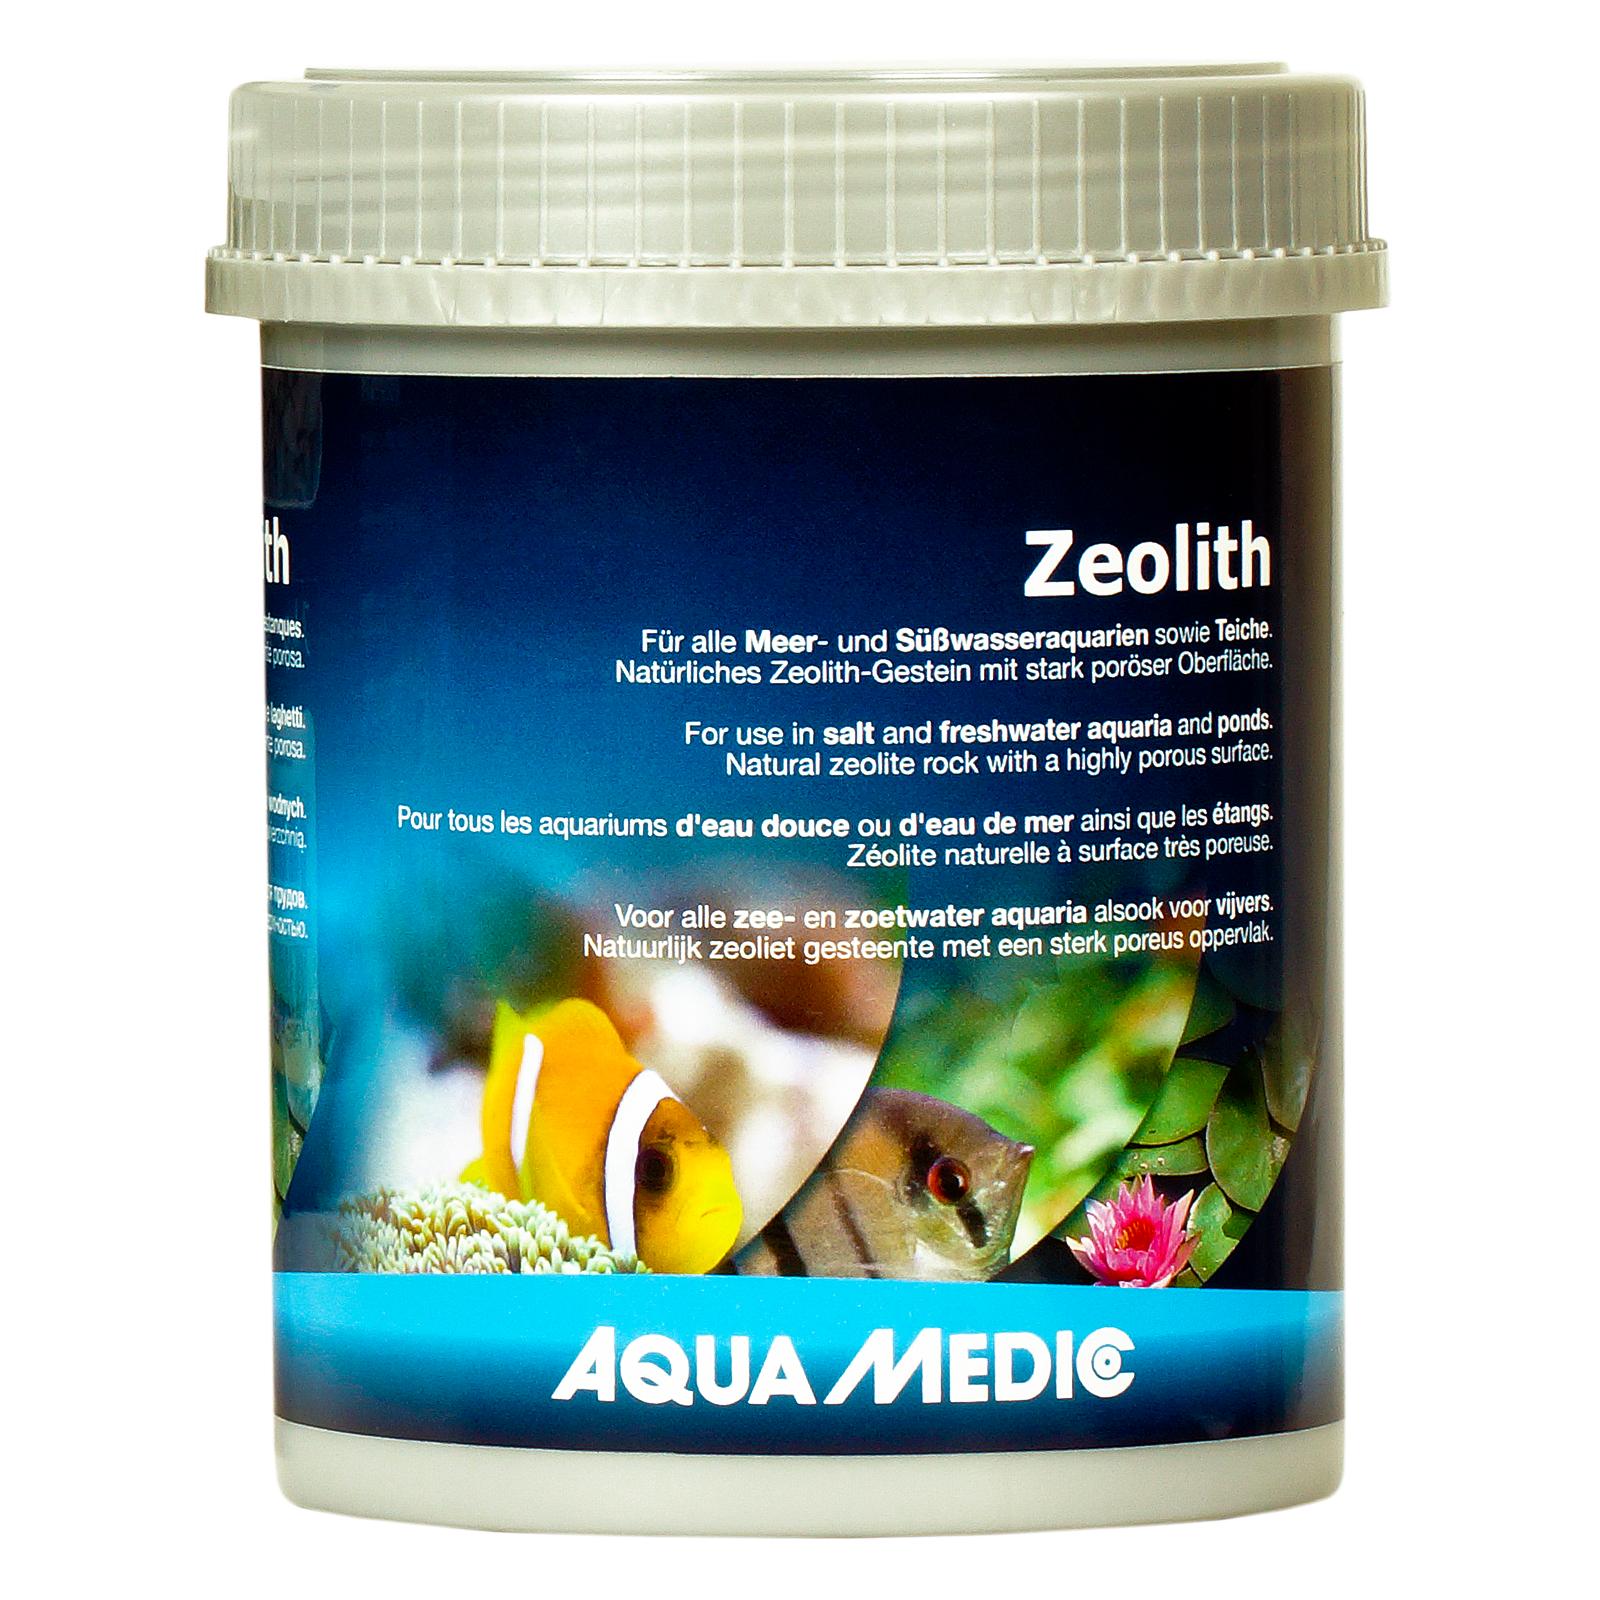 AQUA MEDIC Zeolith 900 gr. 10 - 25 mm zéolite à surface ultra-poreurse pour eau douce, eau de mer et bassin